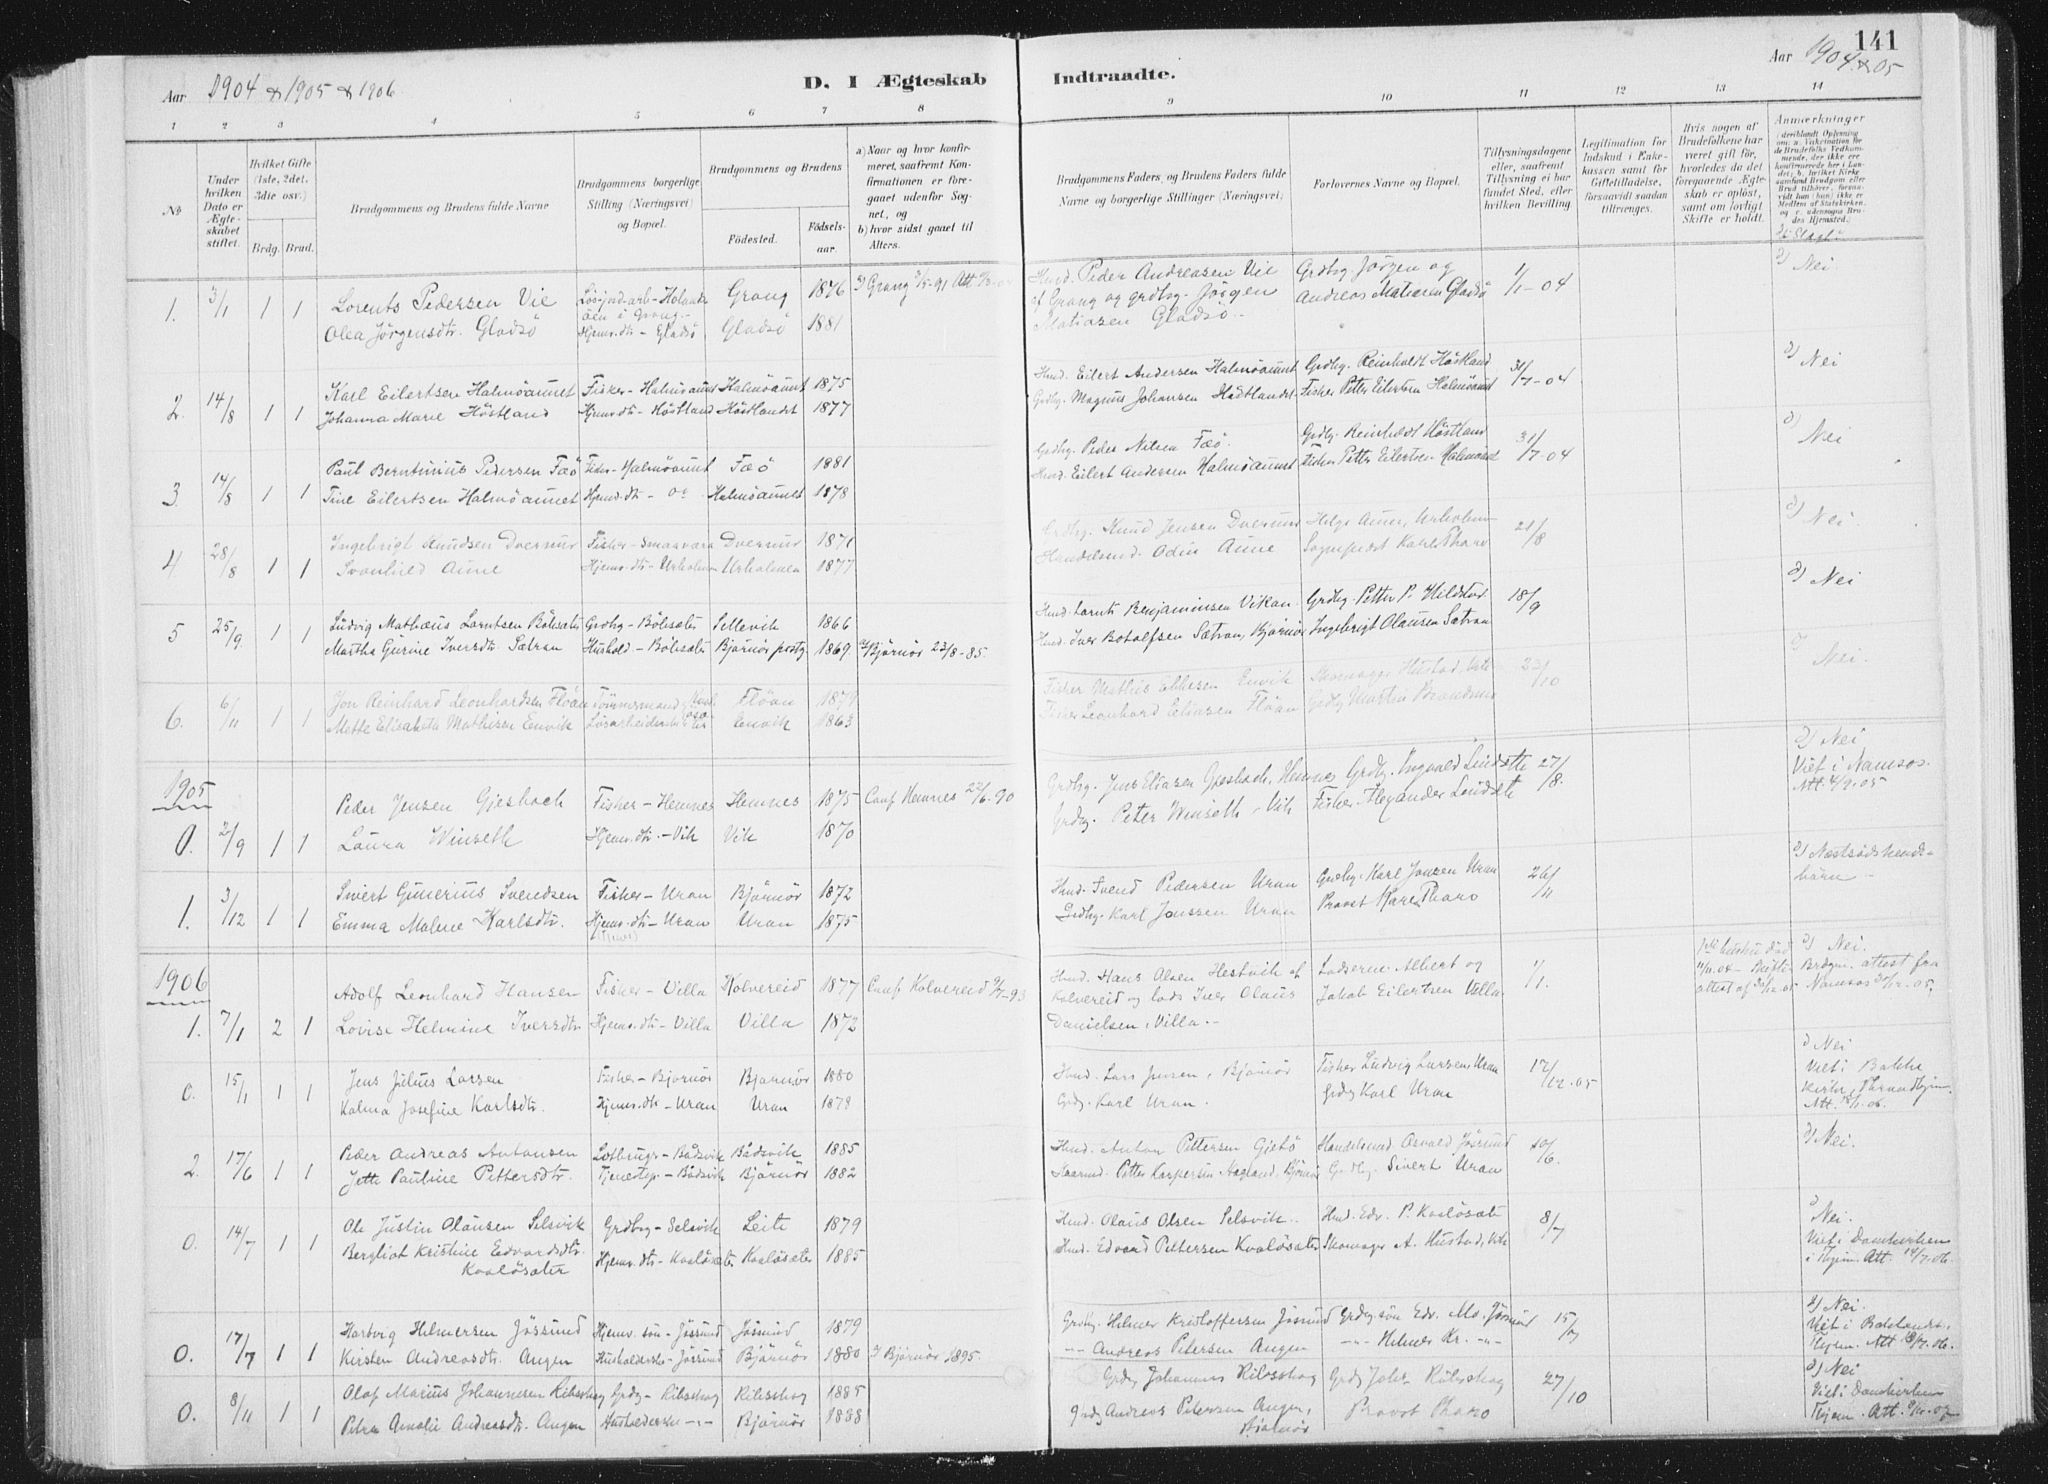 SAT, Ministerialprotokoller, klokkerbøker og fødselsregistre - Nord-Trøndelag, 771/L0597: Ministerialbok nr. 771A04, 1885-1910, s. 141